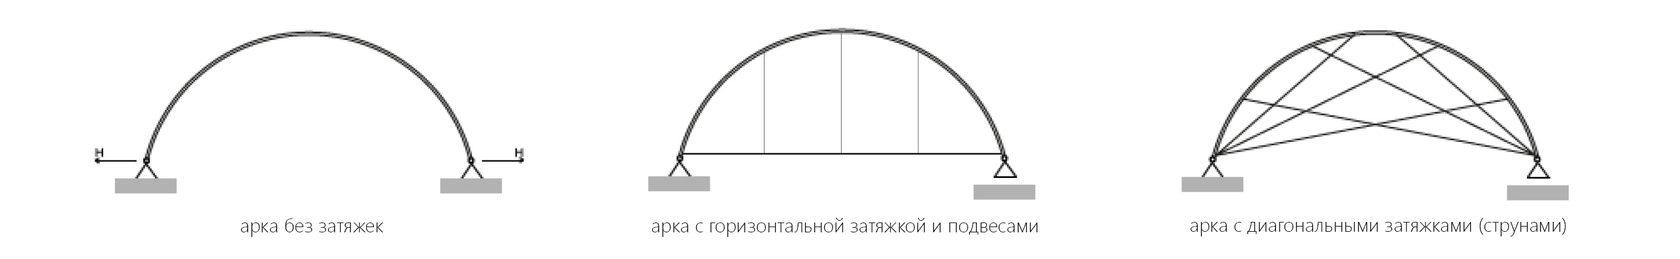 сравнение арок без затяжек, с одной затяжкой и с лучевыми струнами